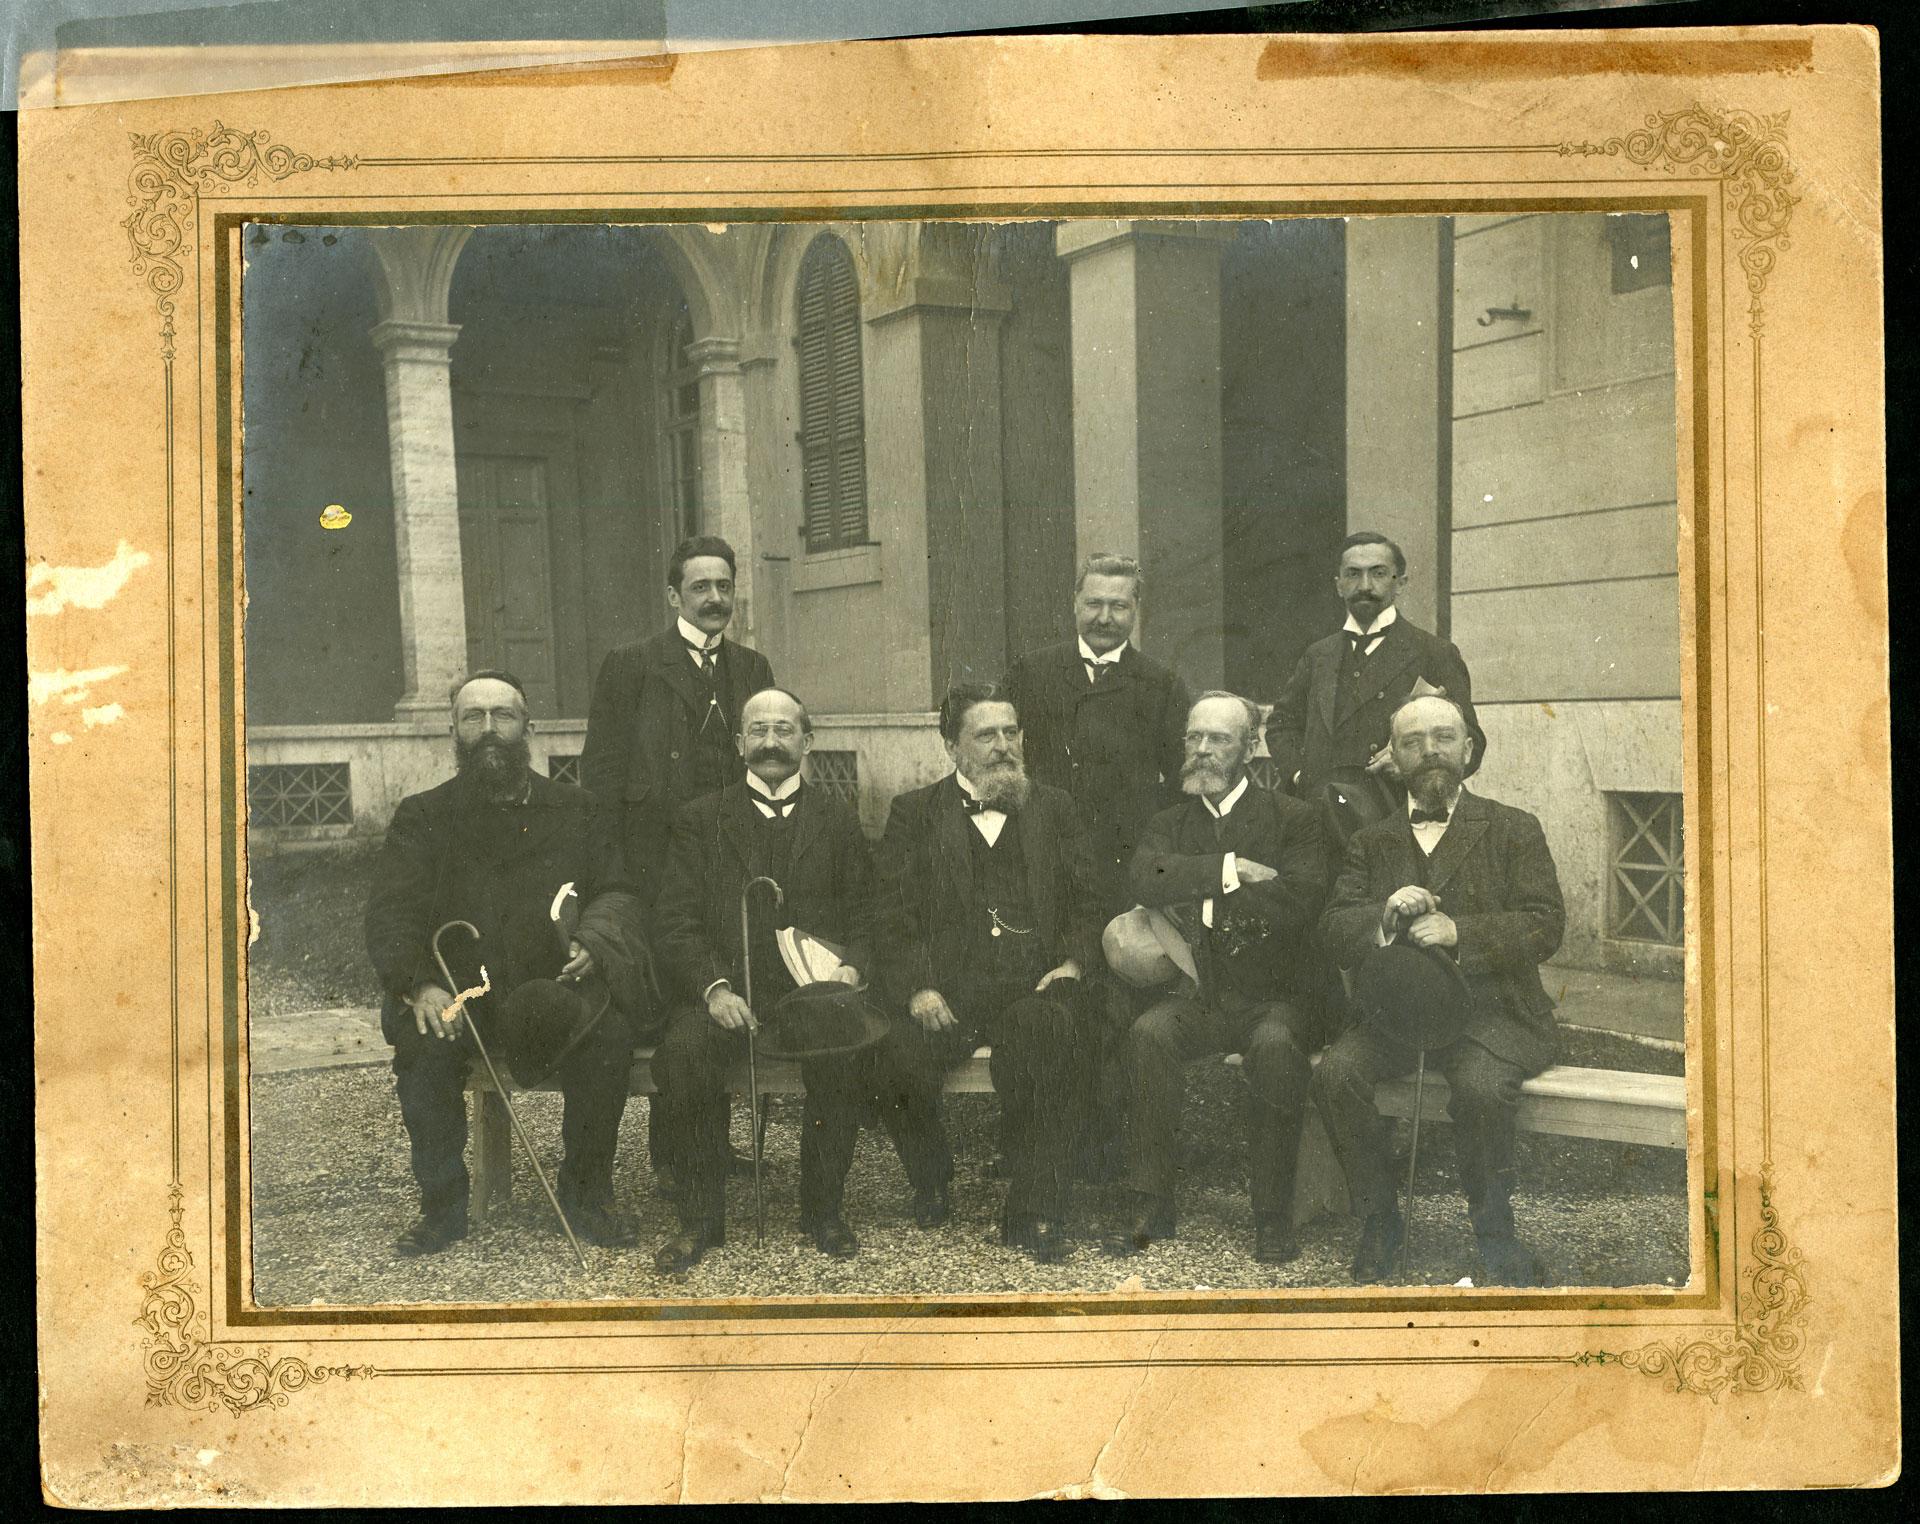 Psicologi, foto di gruppo, s.d.